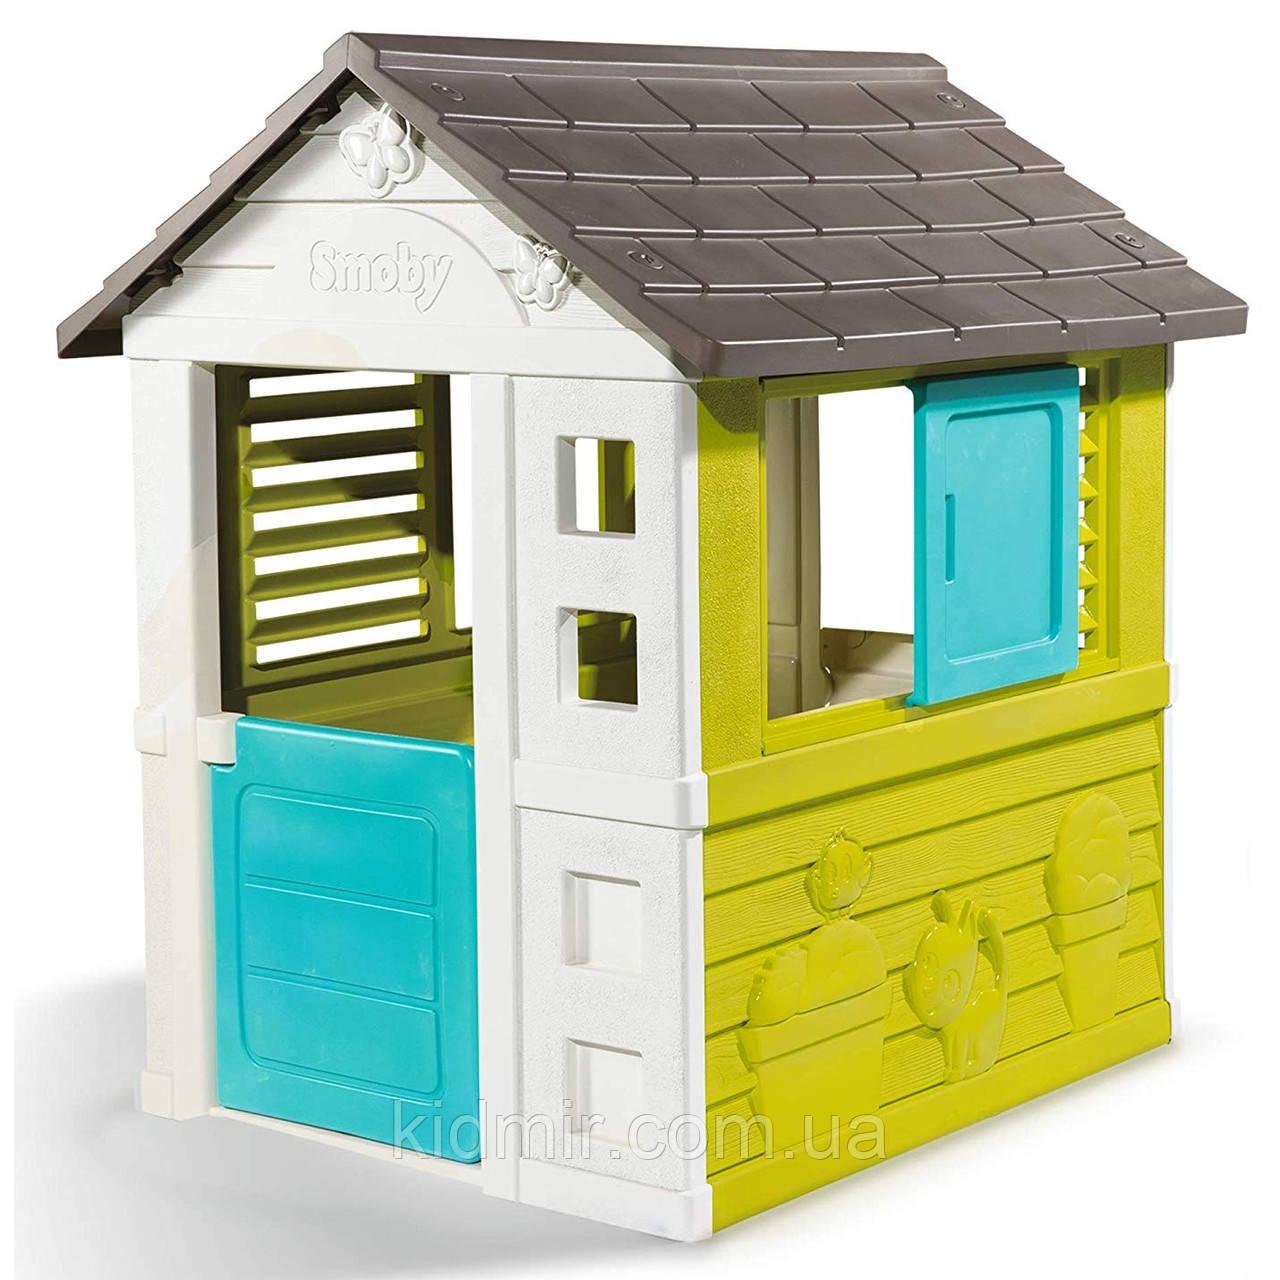 Домик садовый детский игровой Радужный со ставнями  Smoby 810710